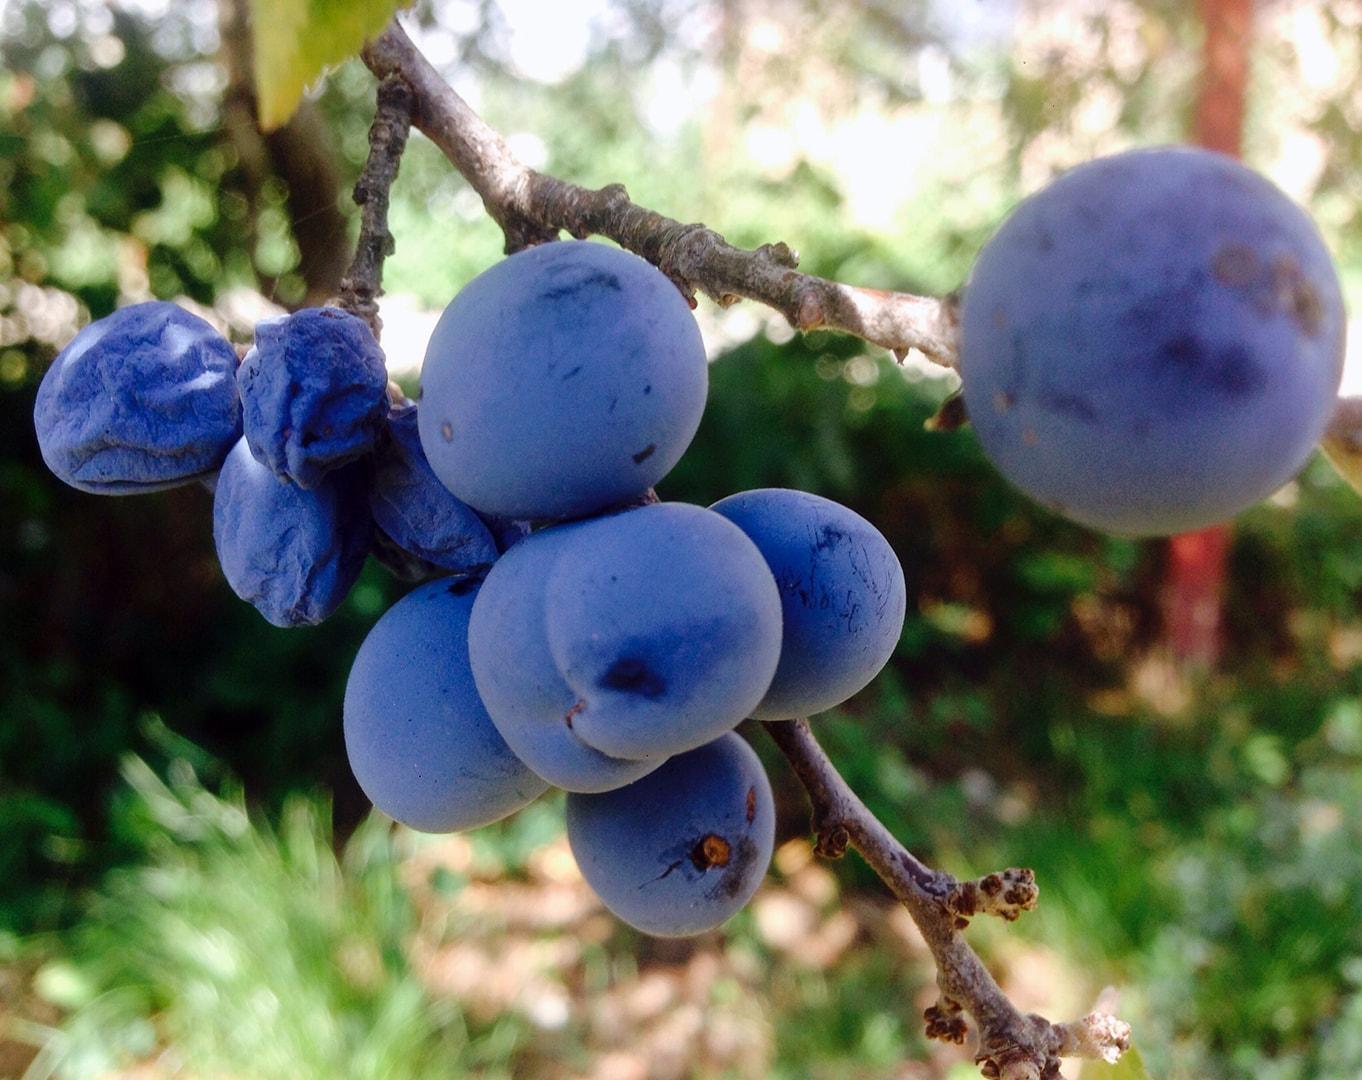 Слива во всевозможных проявлениях:  - терновая ягода (слива колючая) – «донской тёрен»; - чернослив; - пастила; - сливовый джем.